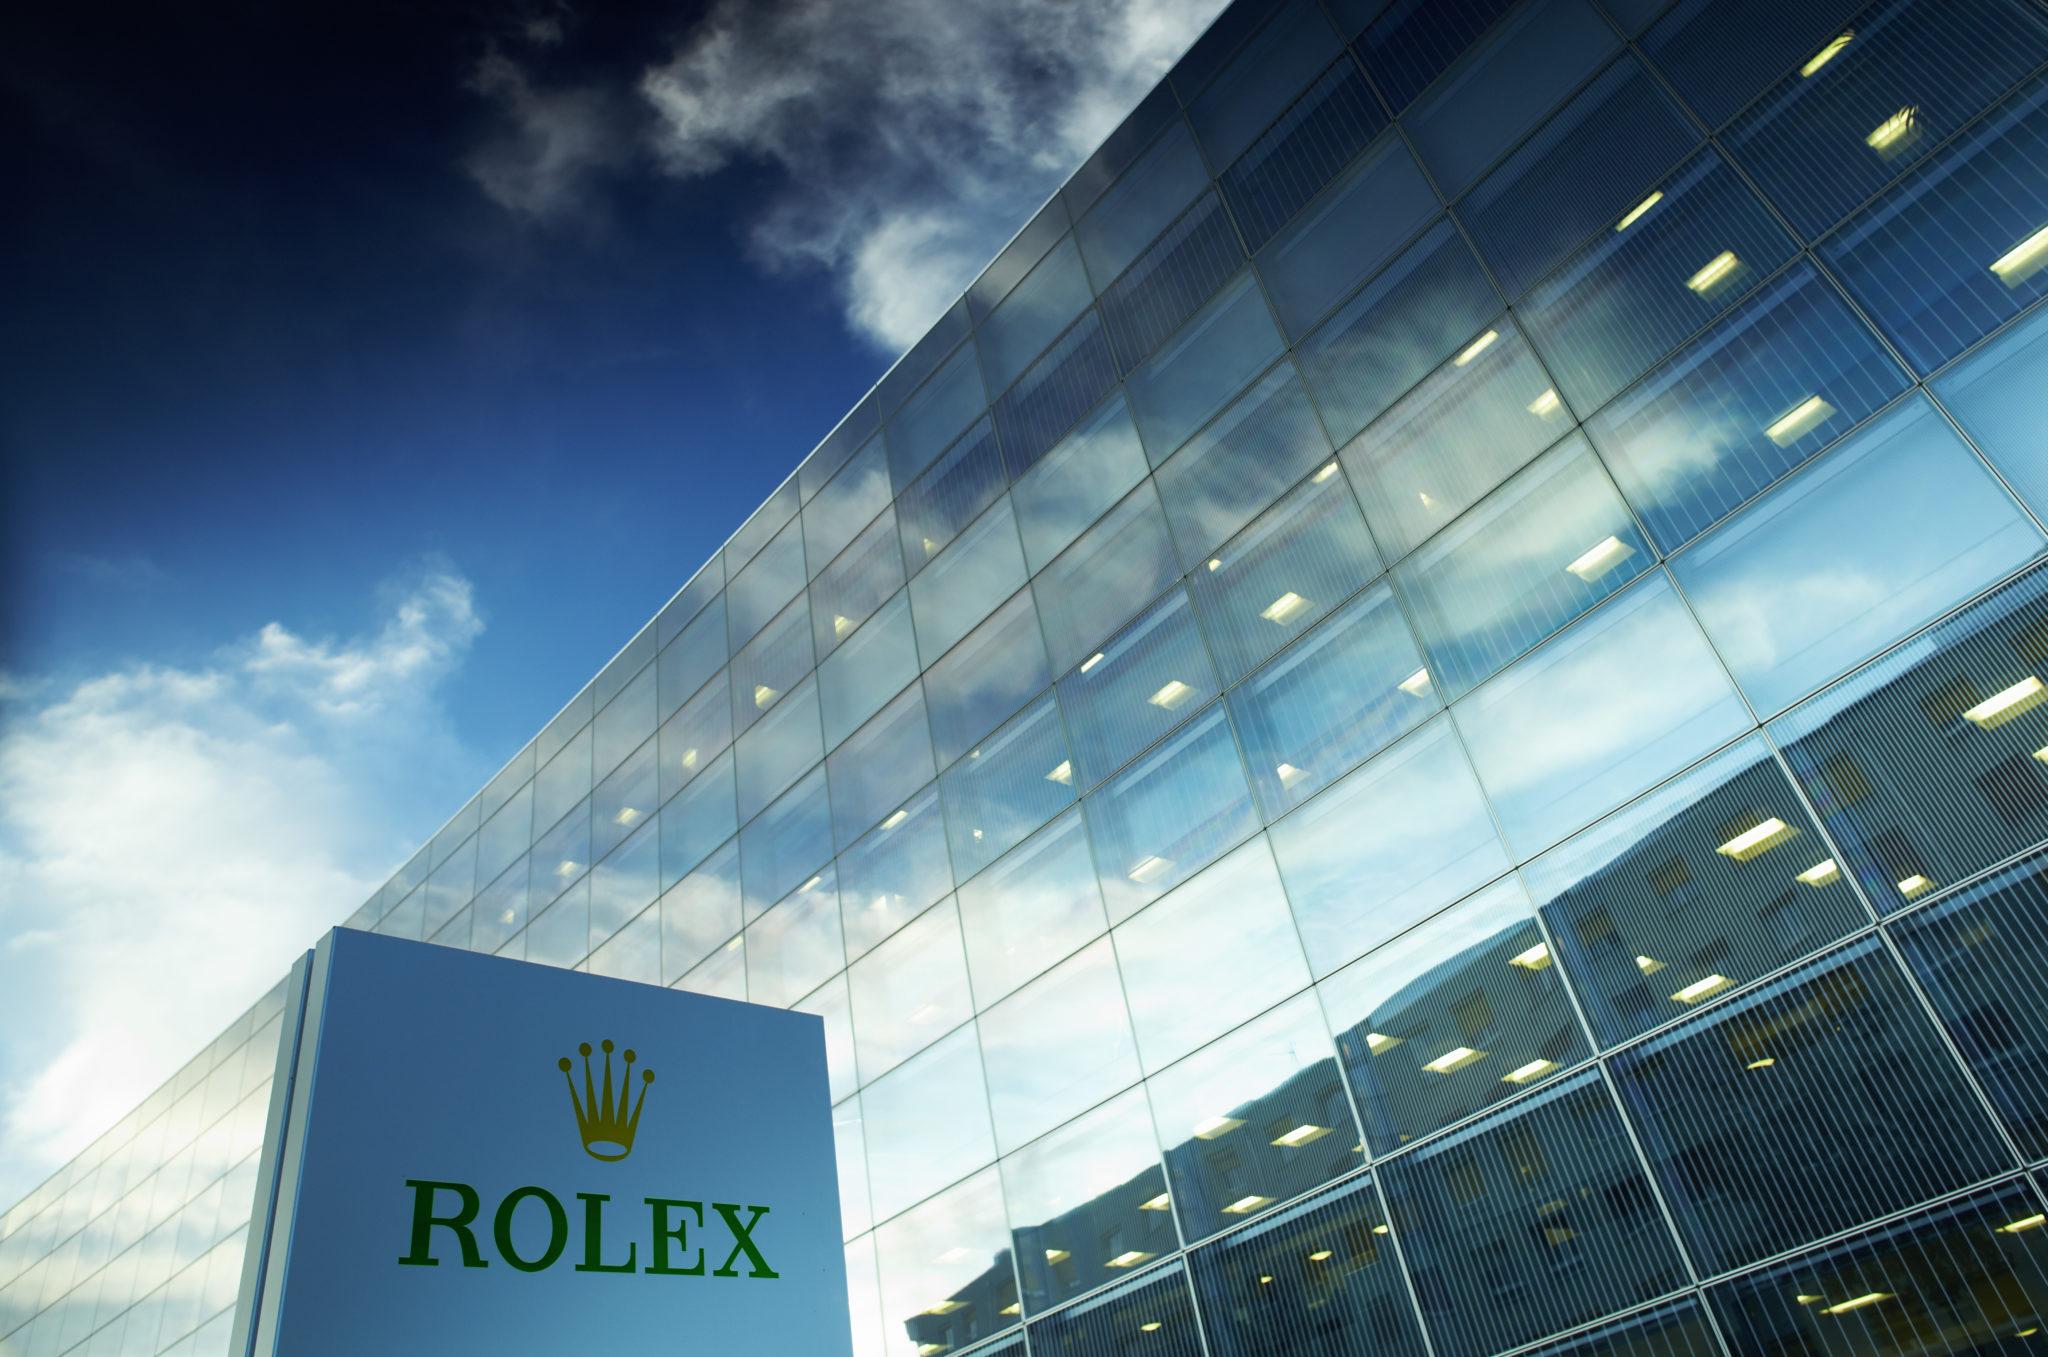 ROLEX CHÊNE-BOURG SITE, GENEVA